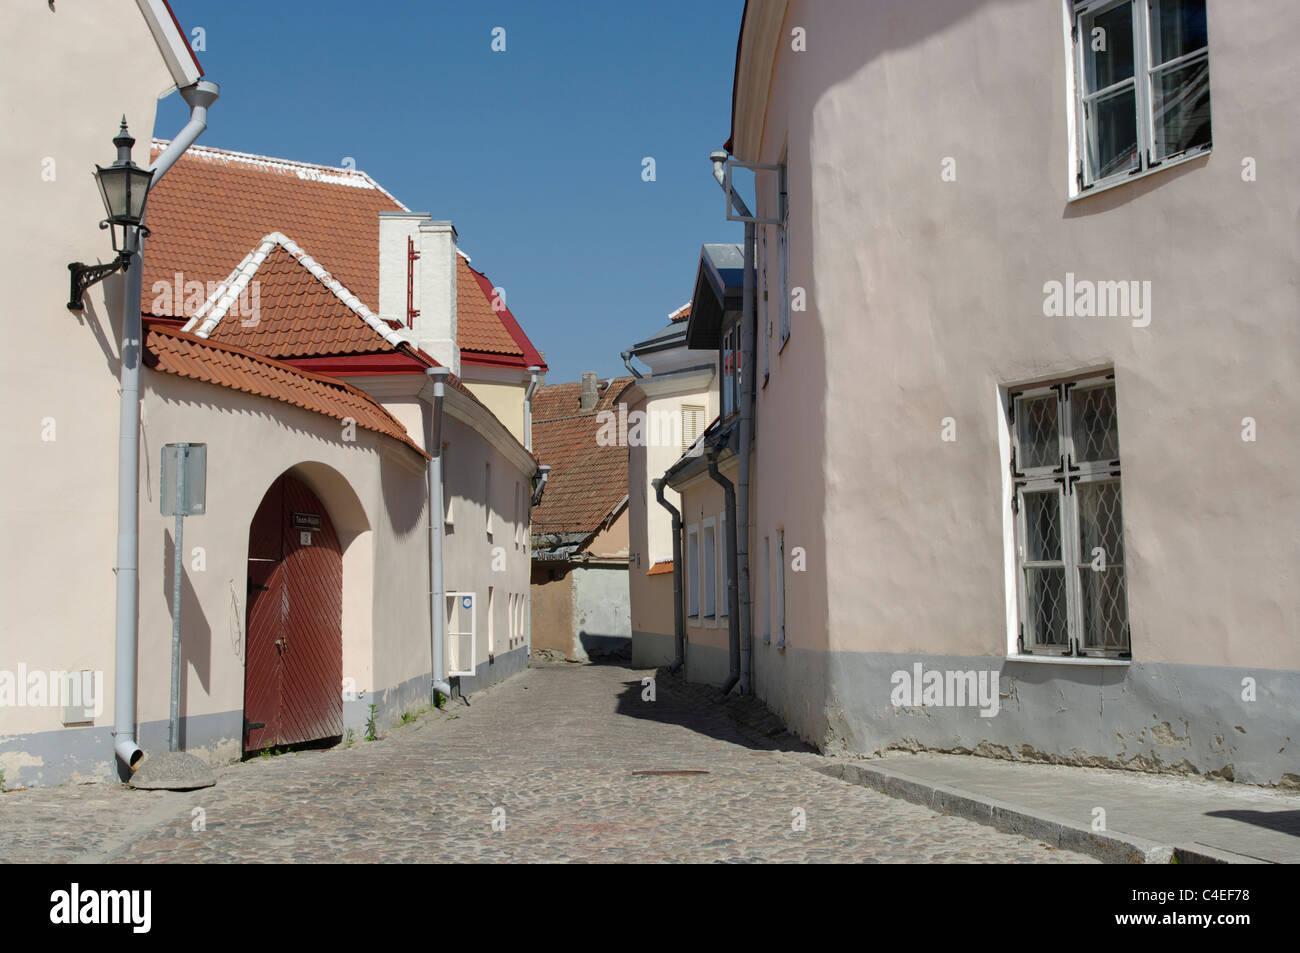 Toom-Ruutli street in Toompea Tallinn Estonia Europe EU - Stock Image